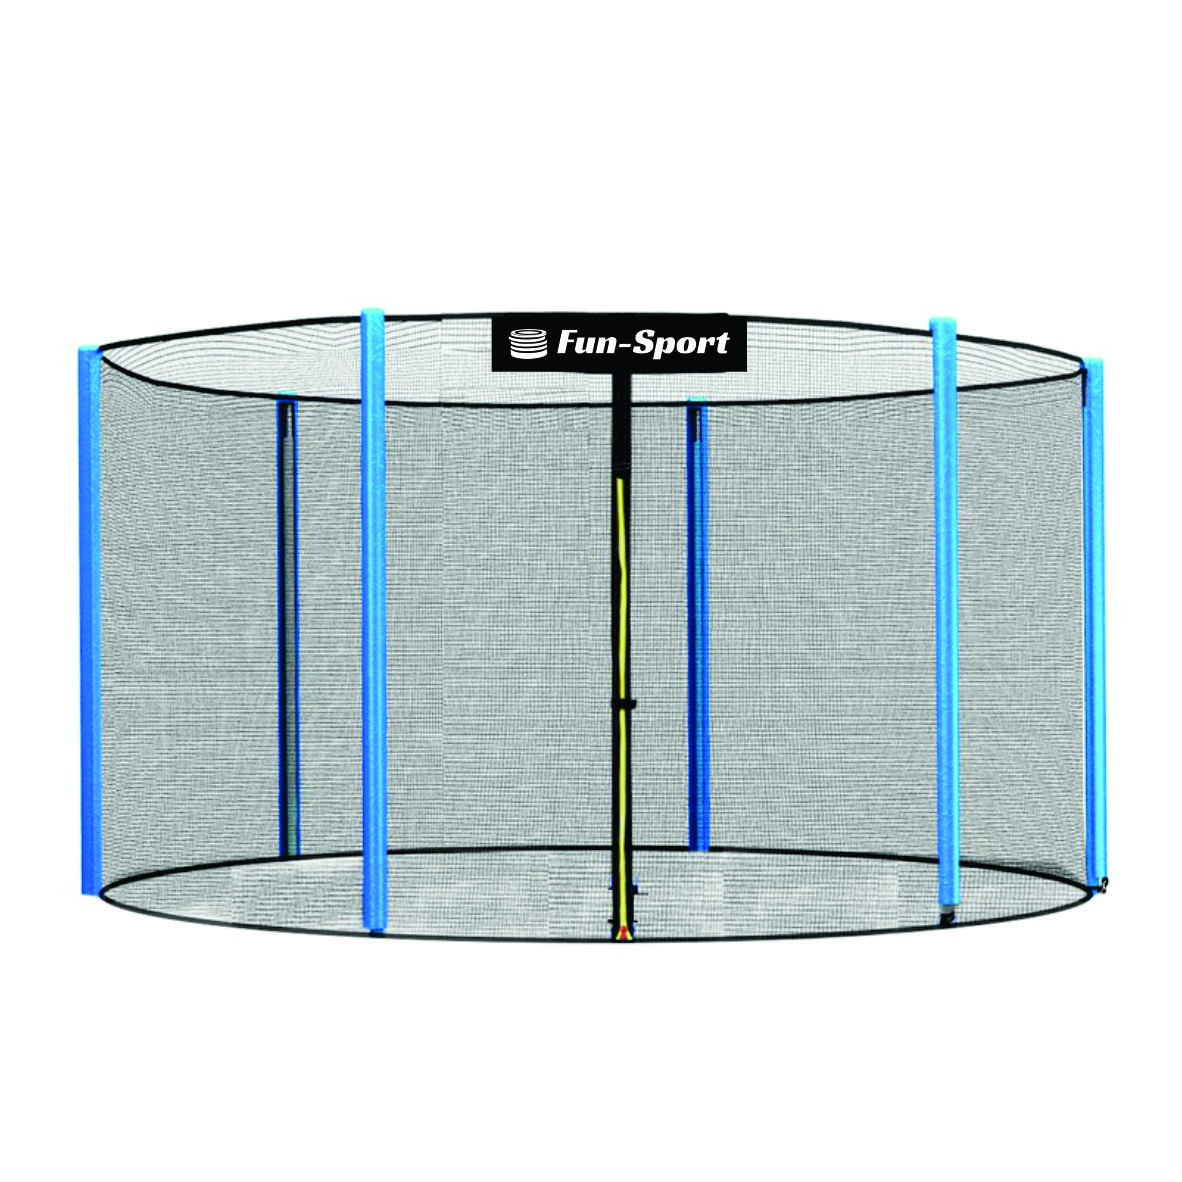 Plasă de siguranță exterioară pentru tranbulină Fun Sport 183cm